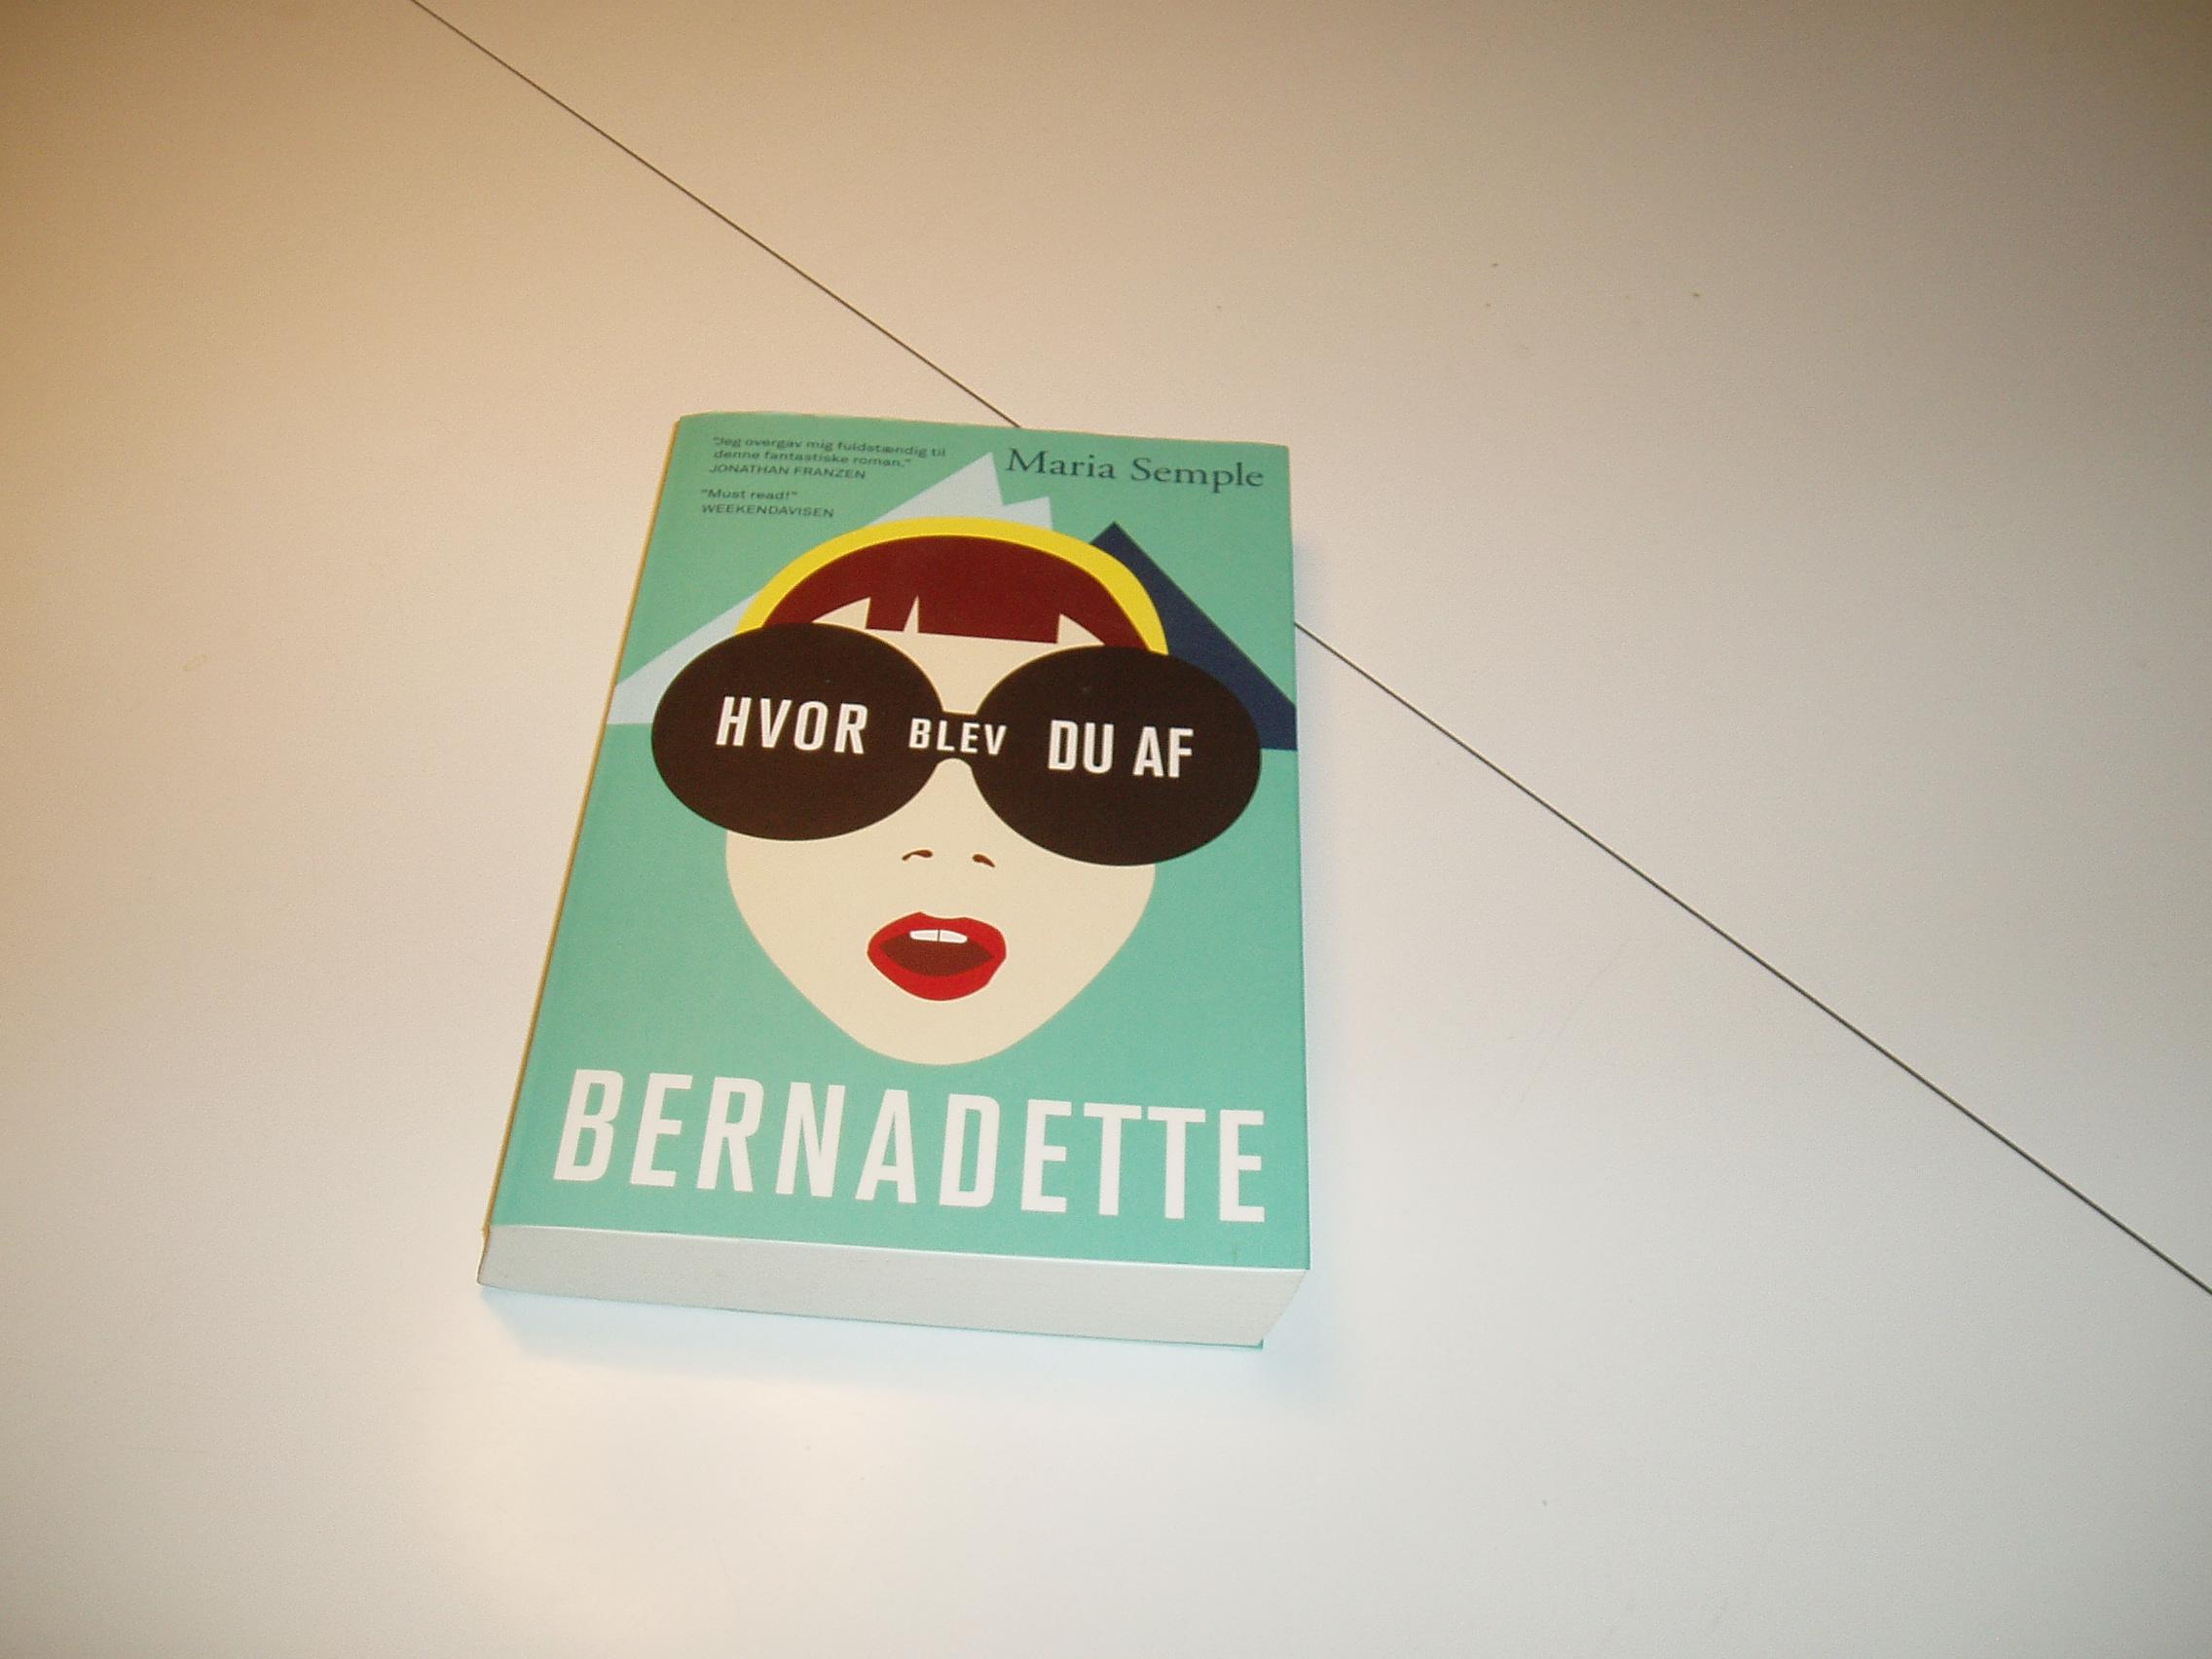 Hvor blev du af Bernadette